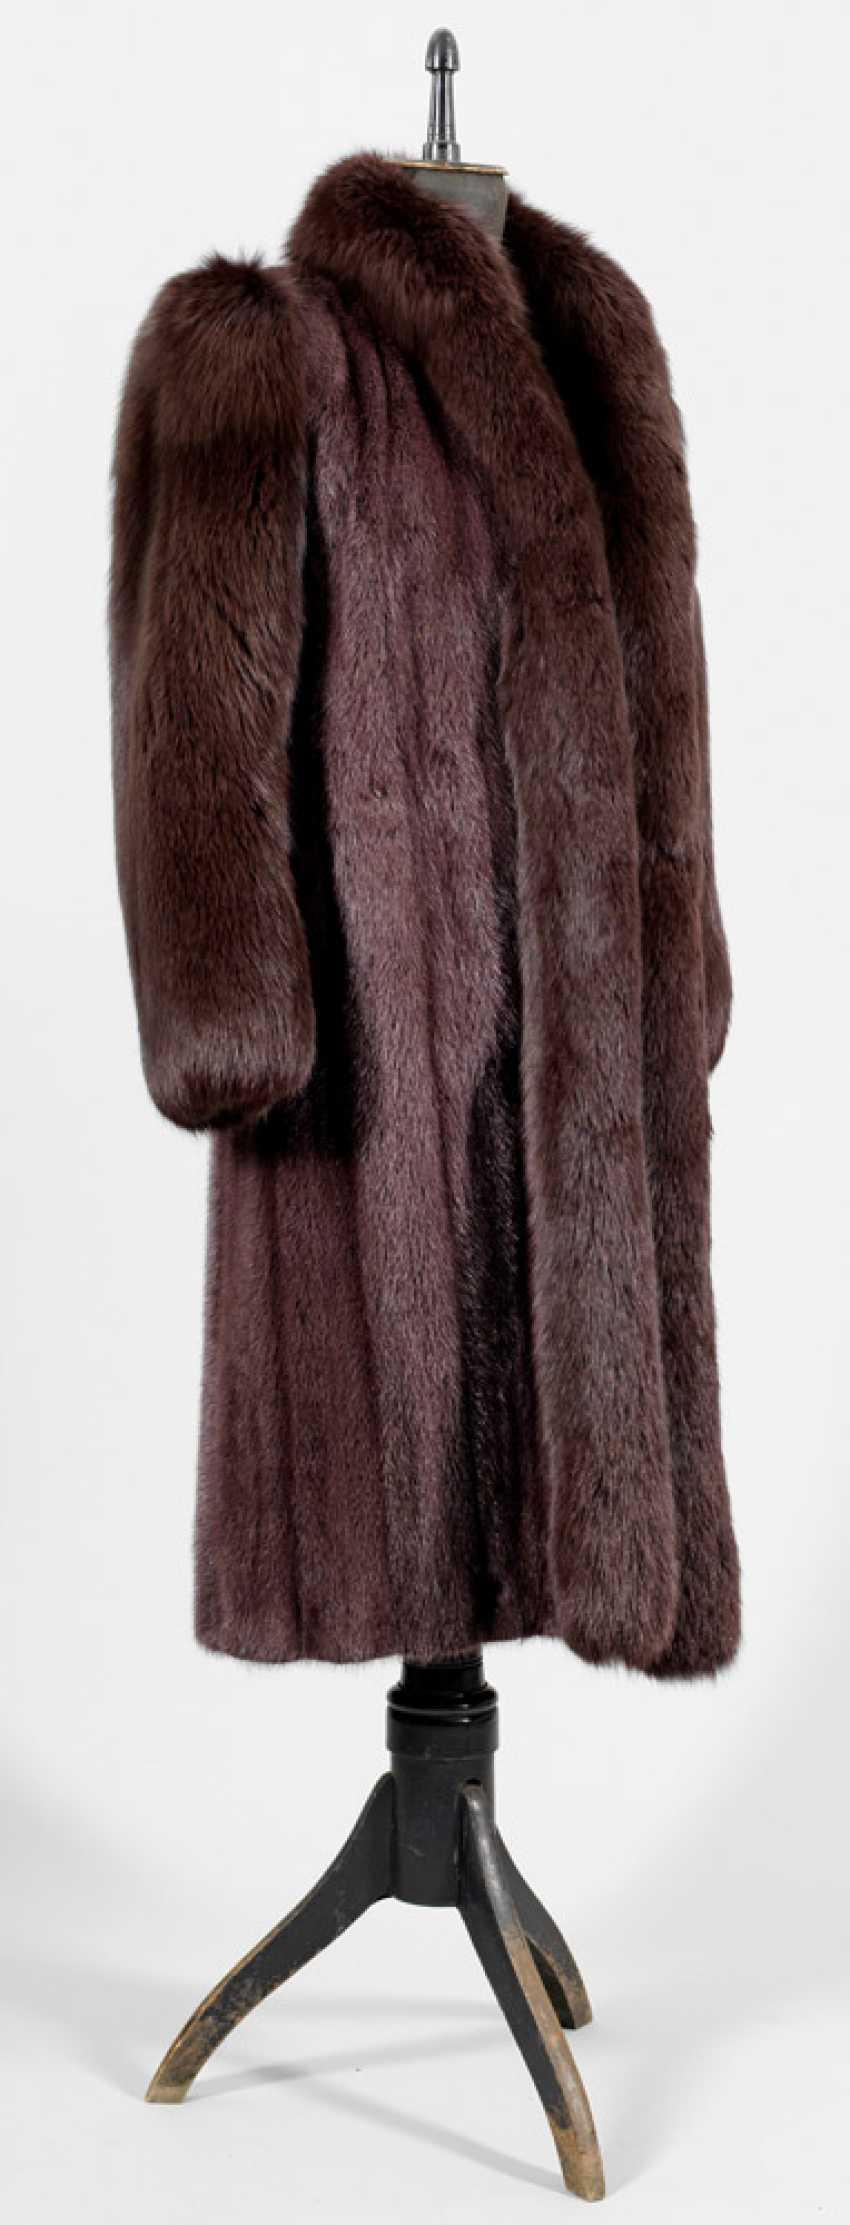 Vintage fur coat by Yves Saint Laurent - photo 1